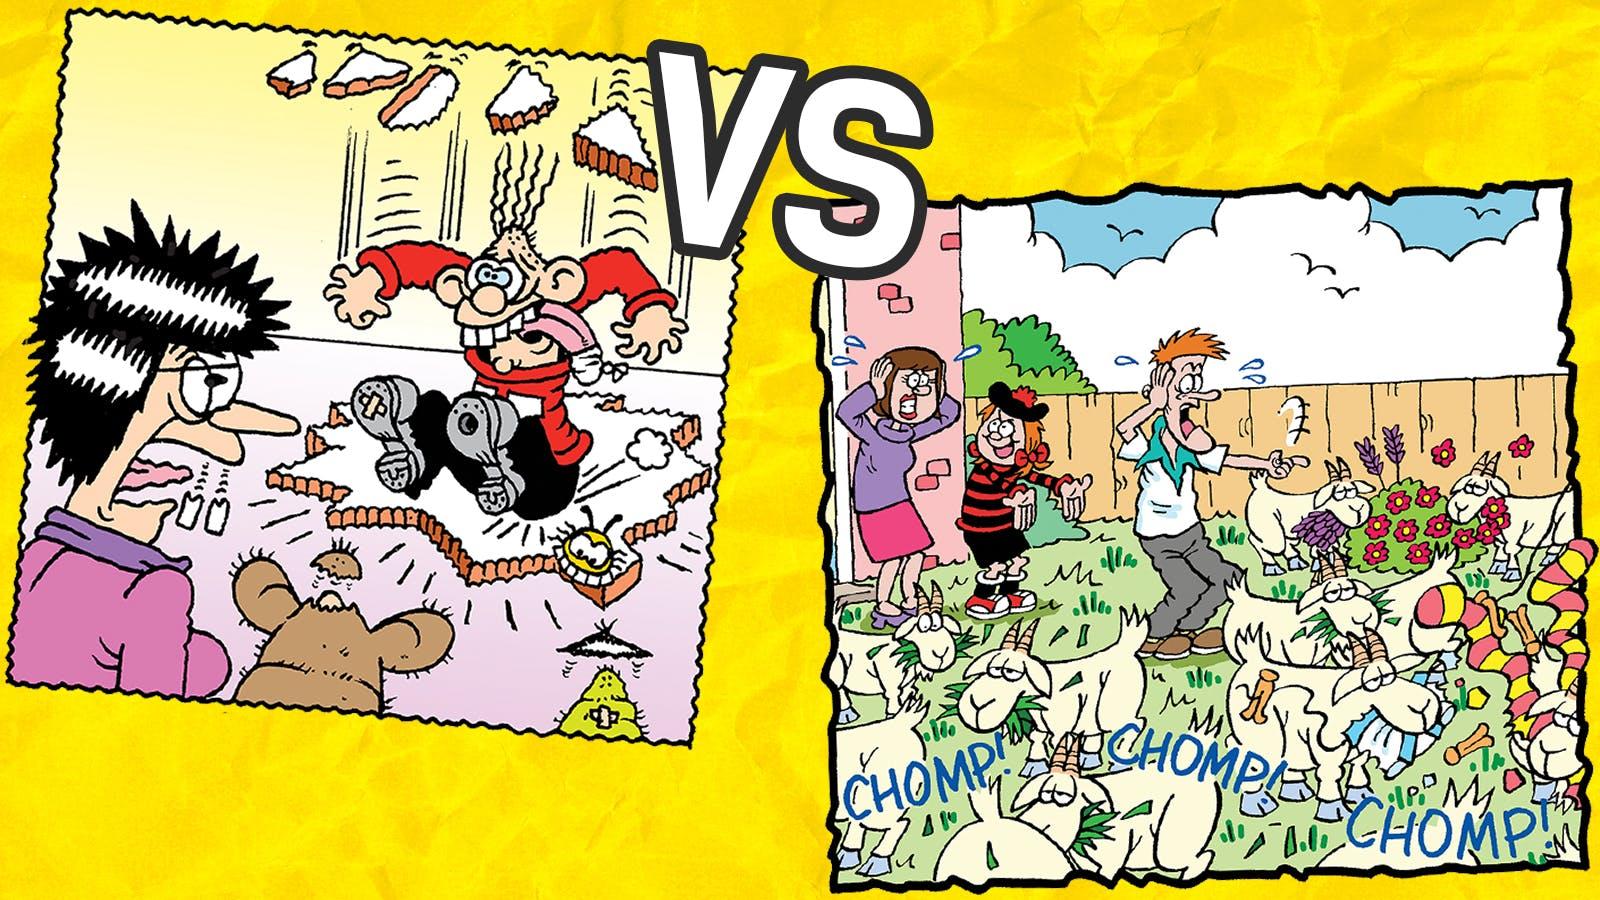 Minnie's Mum versus James's Mum